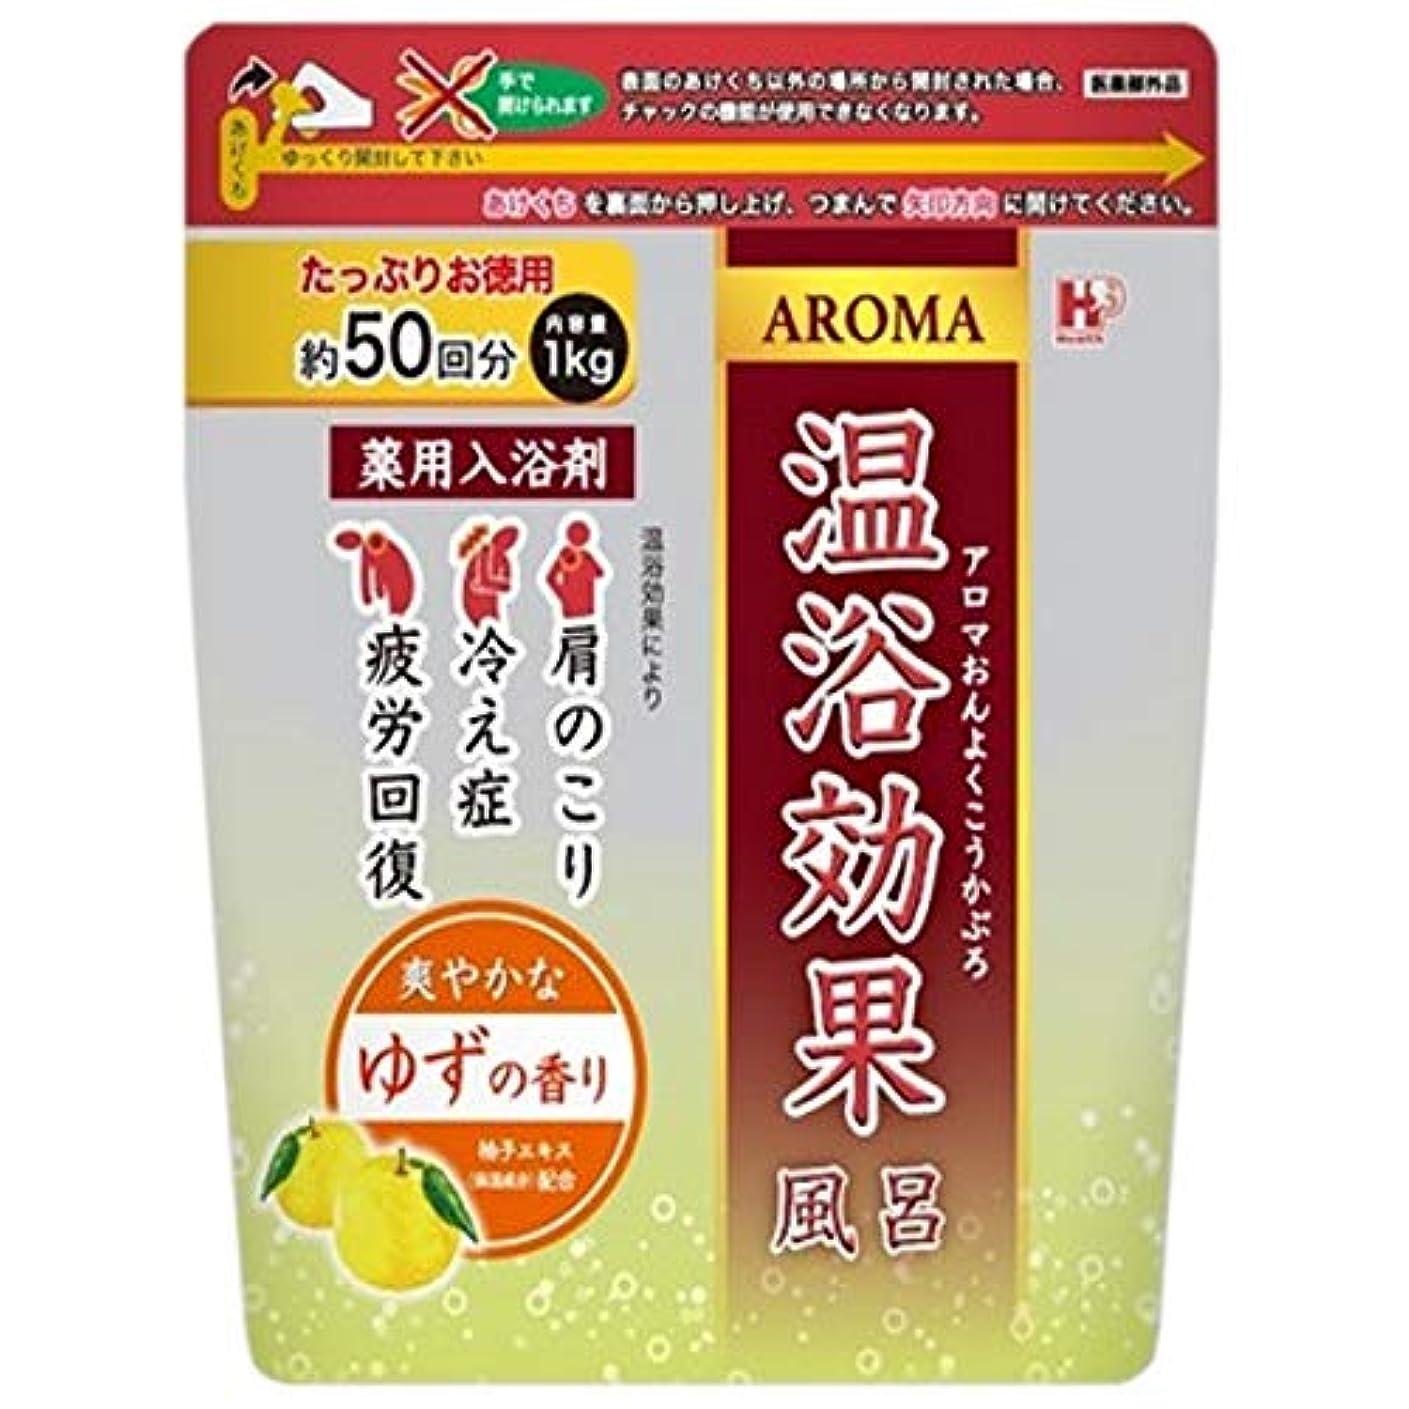 メンタルマイルド活性化する薬用入浴剤 アロマ温浴効果風呂 ゆず 1kg×10袋入